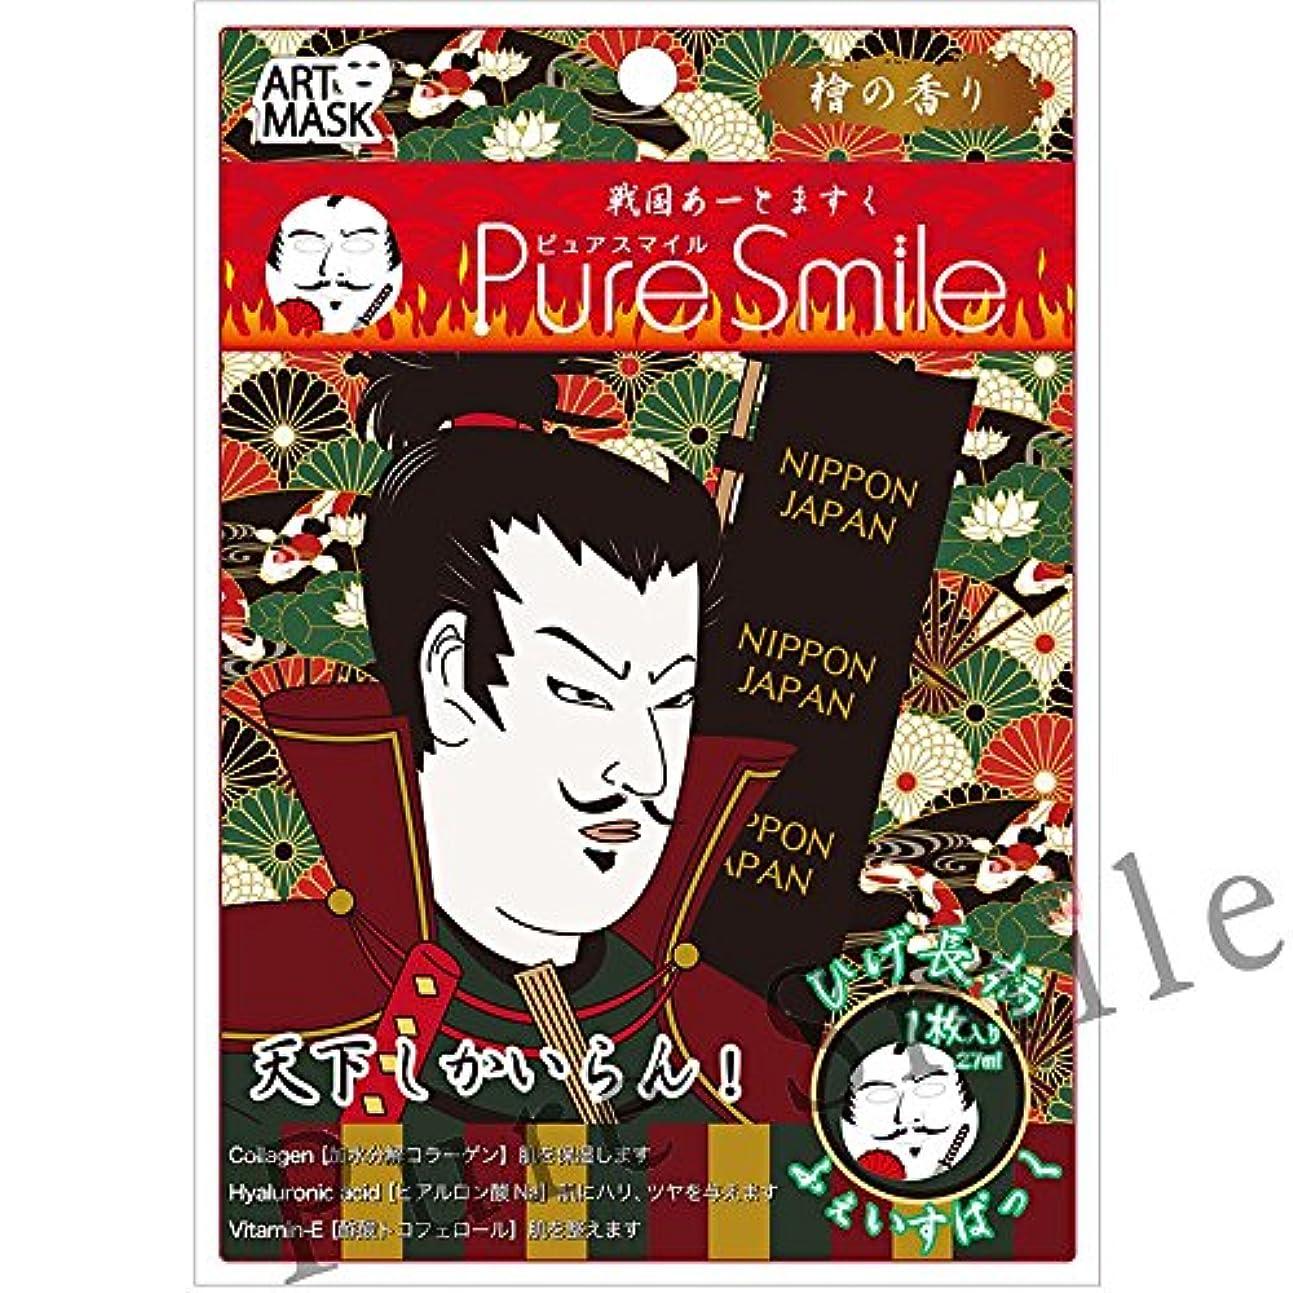 簡潔な中央処理するPure Smile(ピュアスマイル) フェイスマスク/アートマスク『戦国アートマスク』(ひげ長/檜の香り)